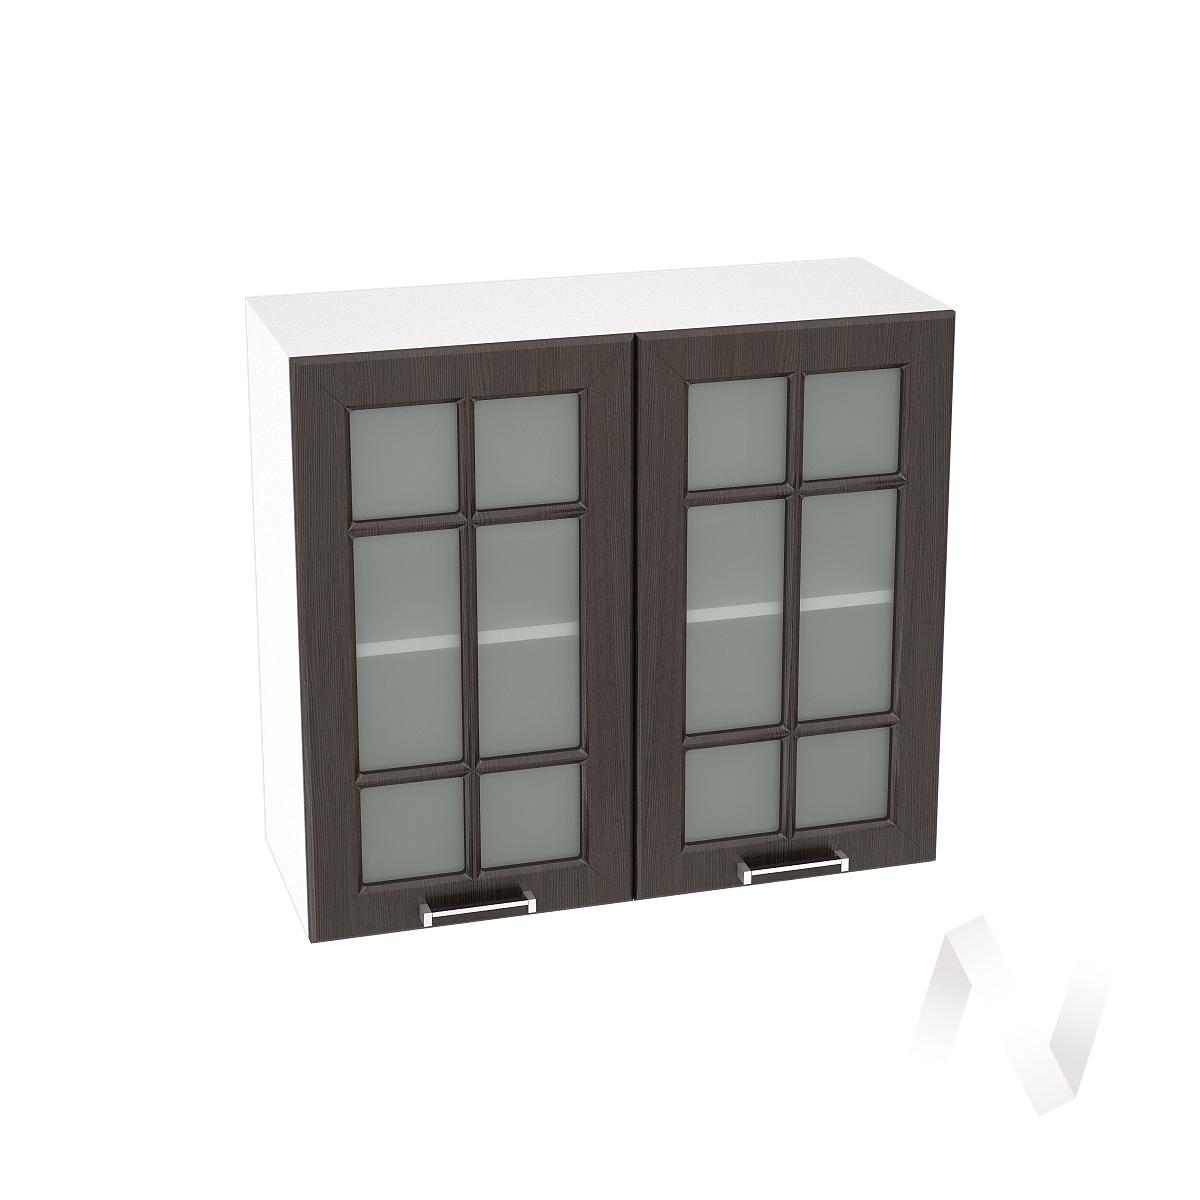 """Кухня """"Прага"""": Шкаф верхний со стеклом 800, ШВС 800 новый (венге/корпус белый)"""